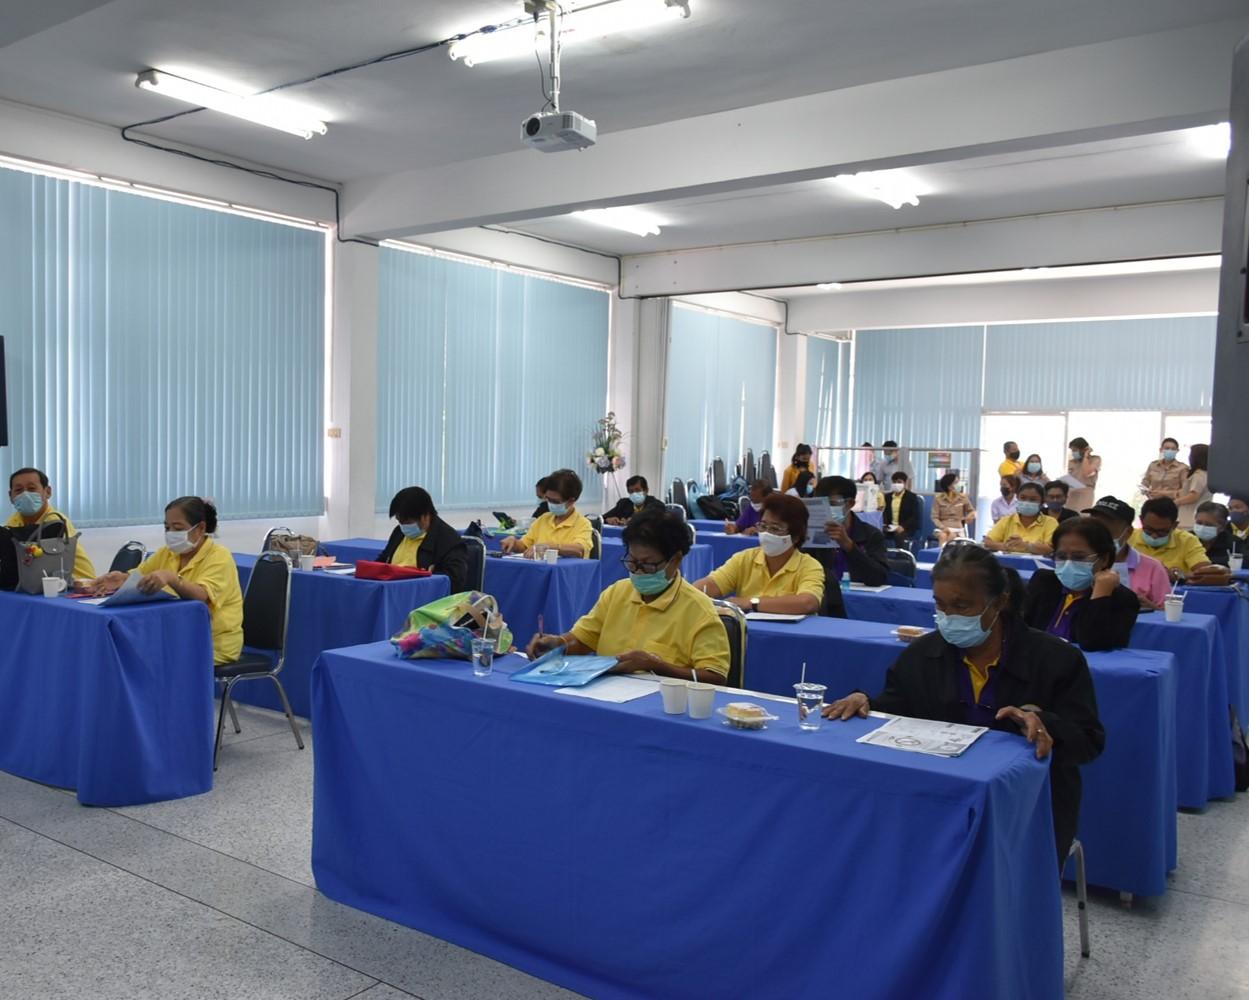 สรจ.สมุทรสงคราม จัดการประชุมแกนนำอาสาสมัครแรงงานระดับตำบลจังหวัดสมุทรสงคราม ครั้งที่ 2/2564